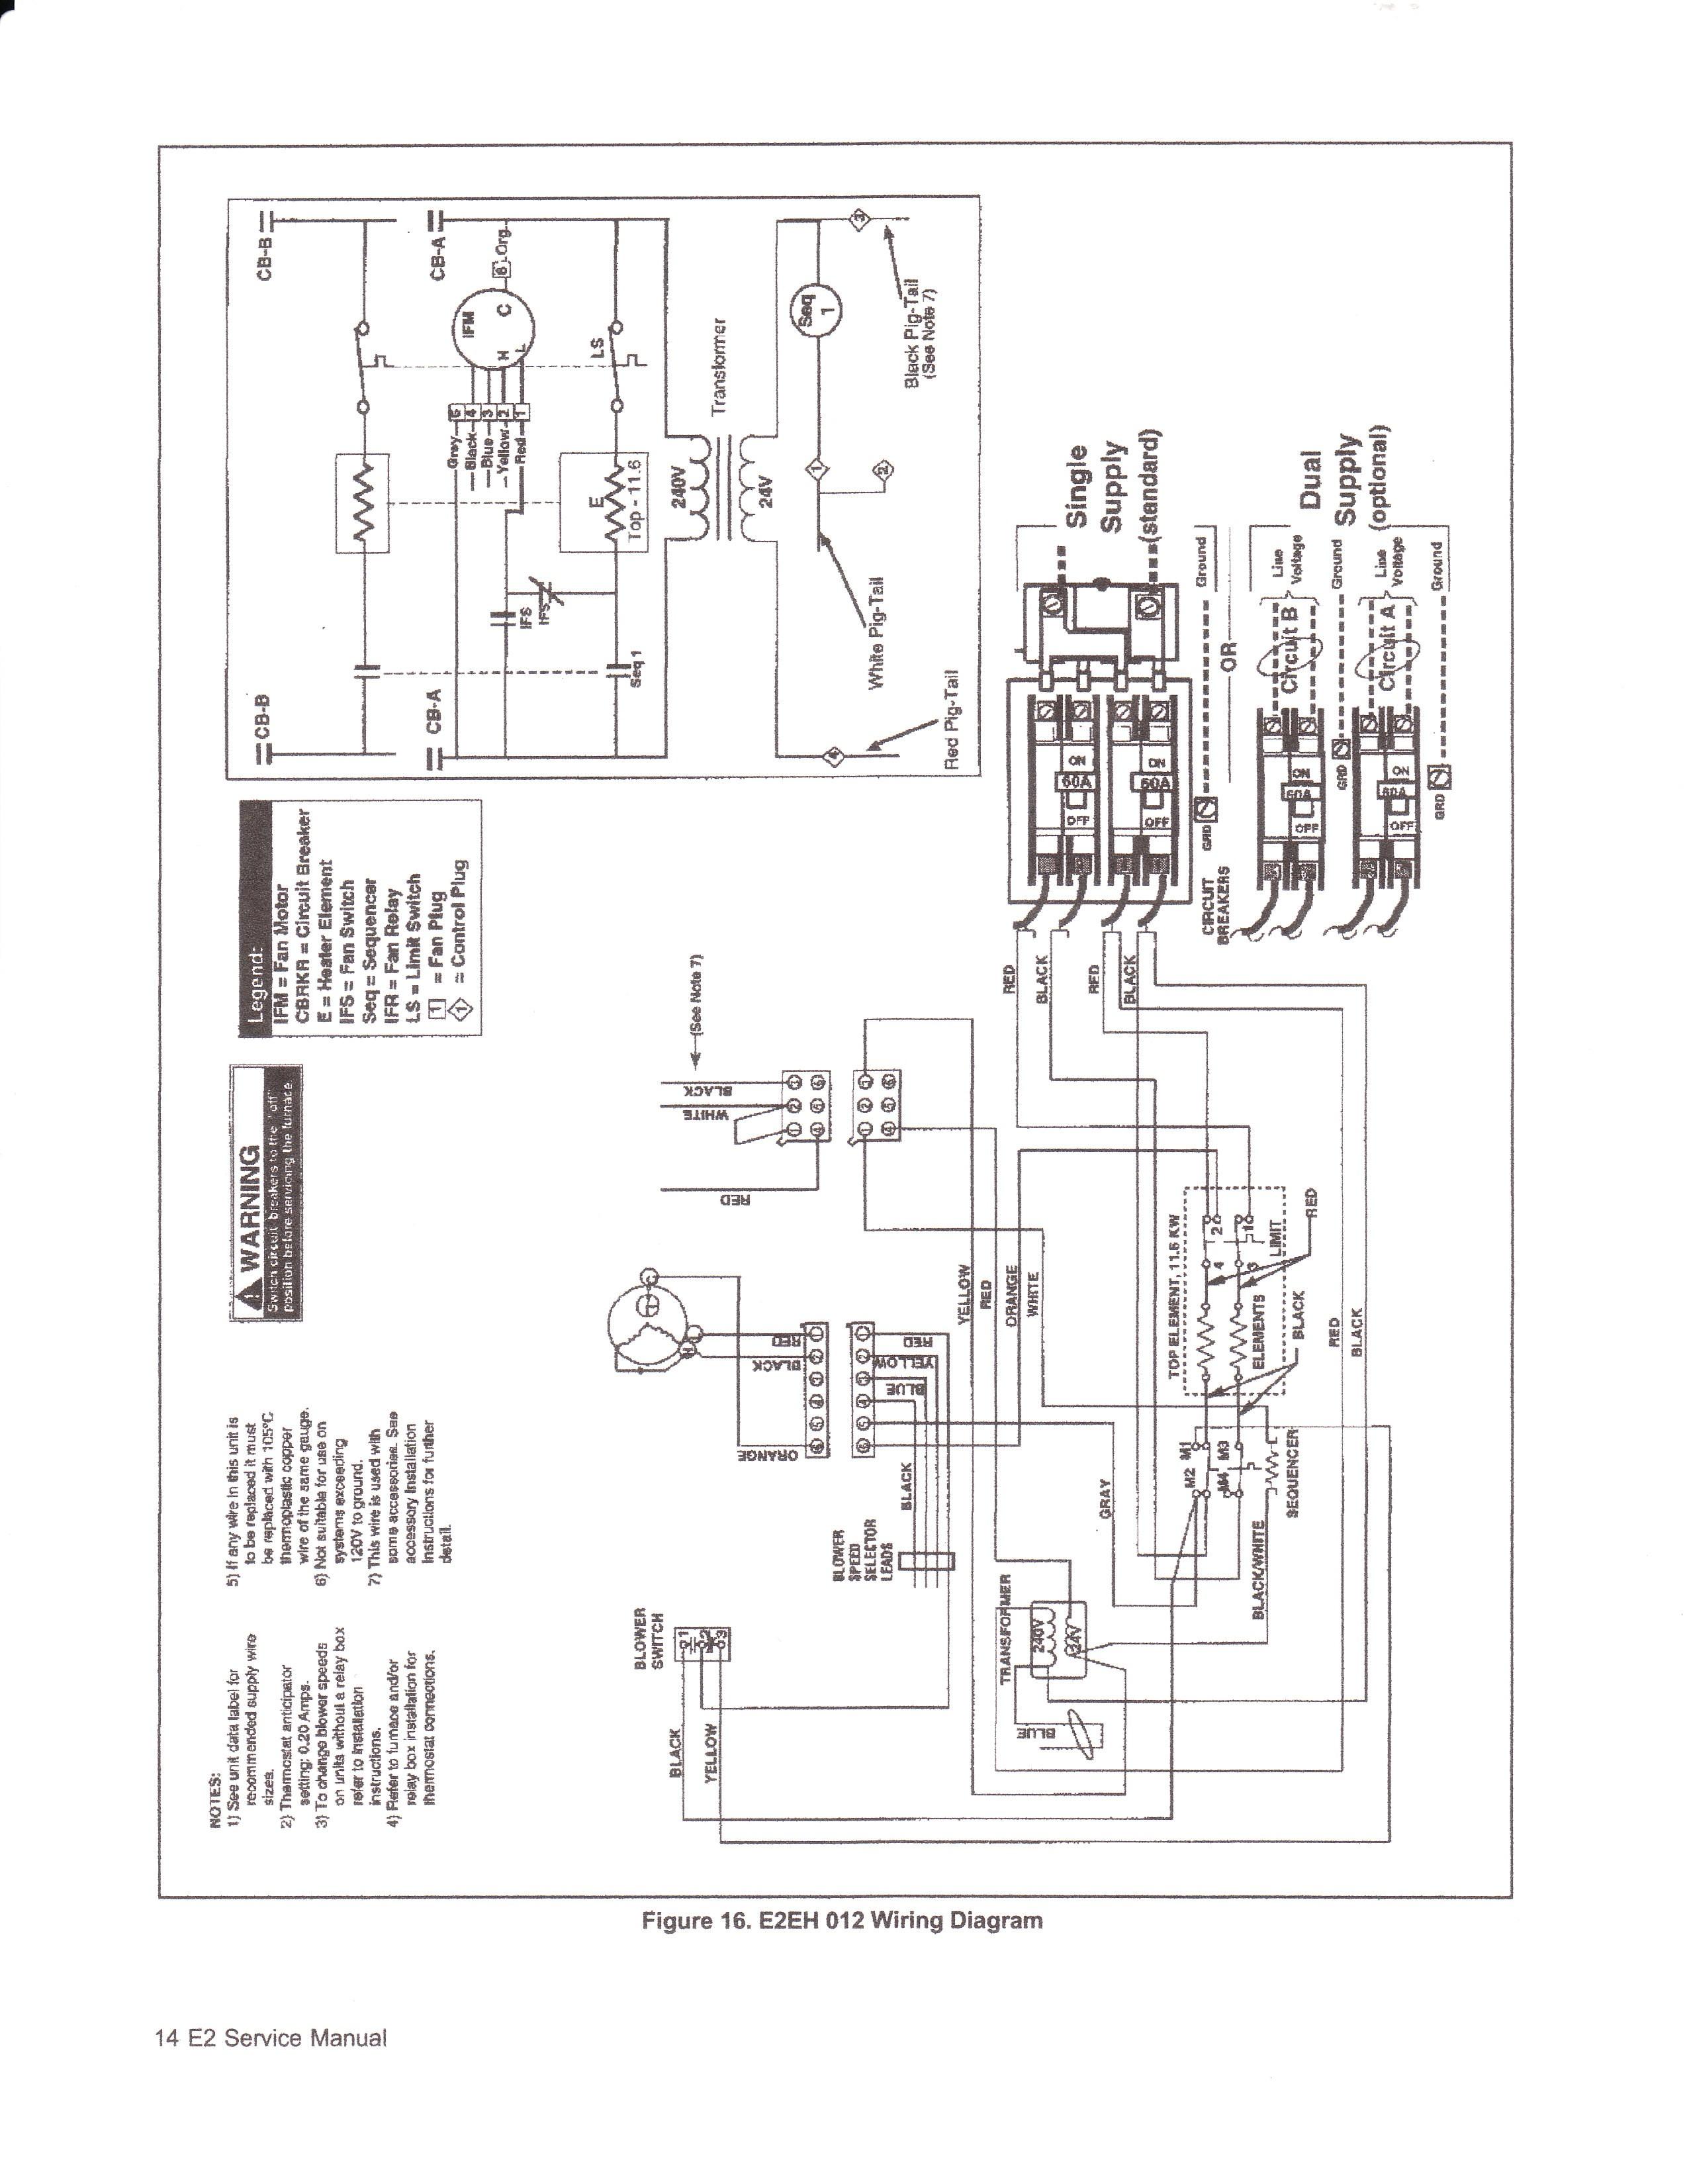 nordyne furnace wiring diagram wiring diagram rh niraikanai me Nordyne Model Numbers nordyne furnace wiring diagram